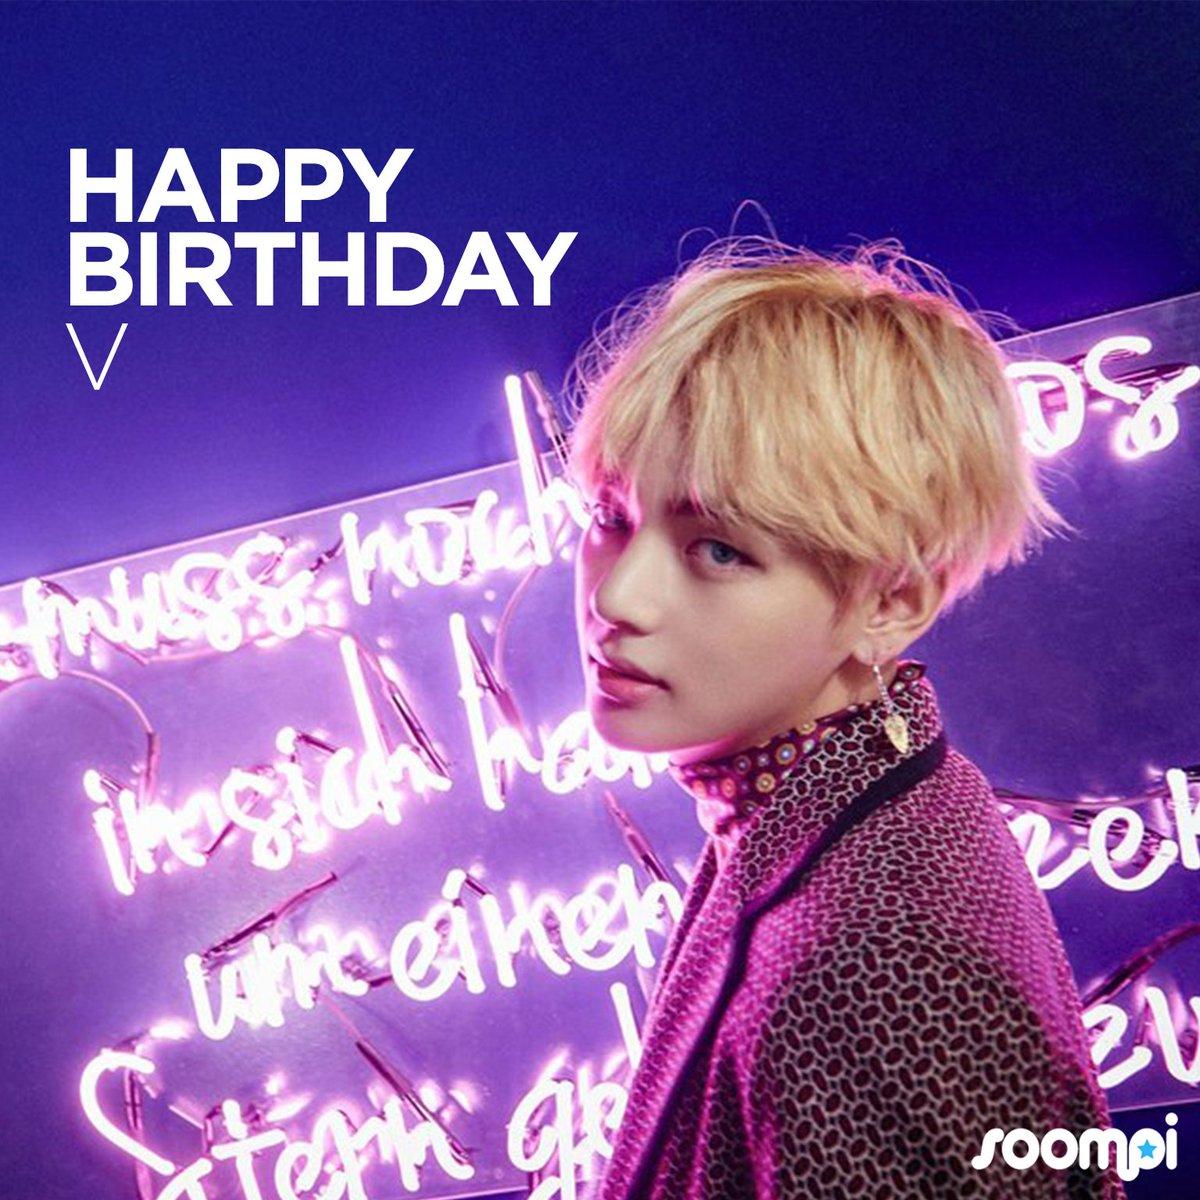 Korean Idol: Bts Happy Birthday